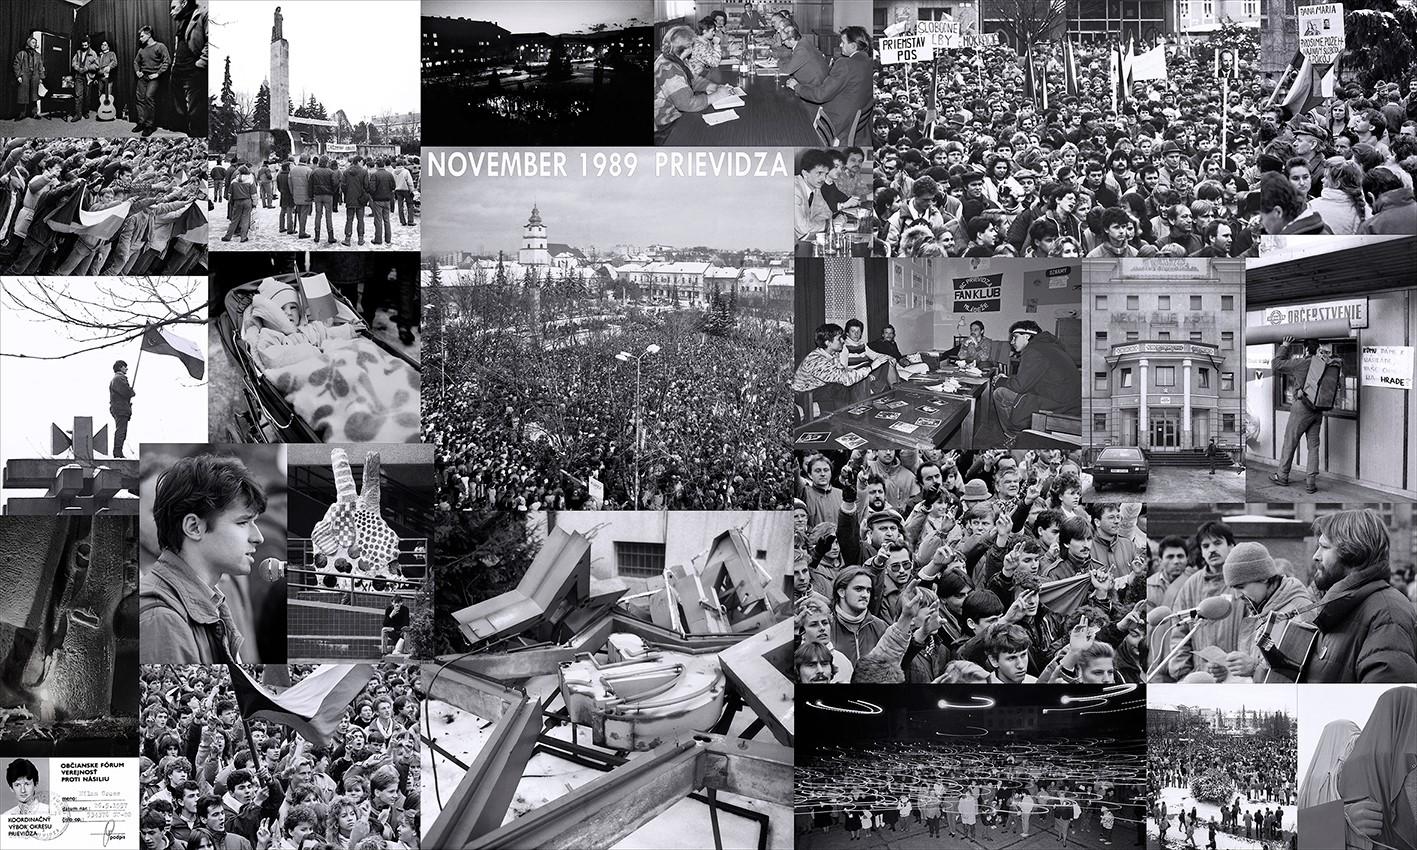 Foto: Ako vyzeral 17. november 1989 v Prievidzi?